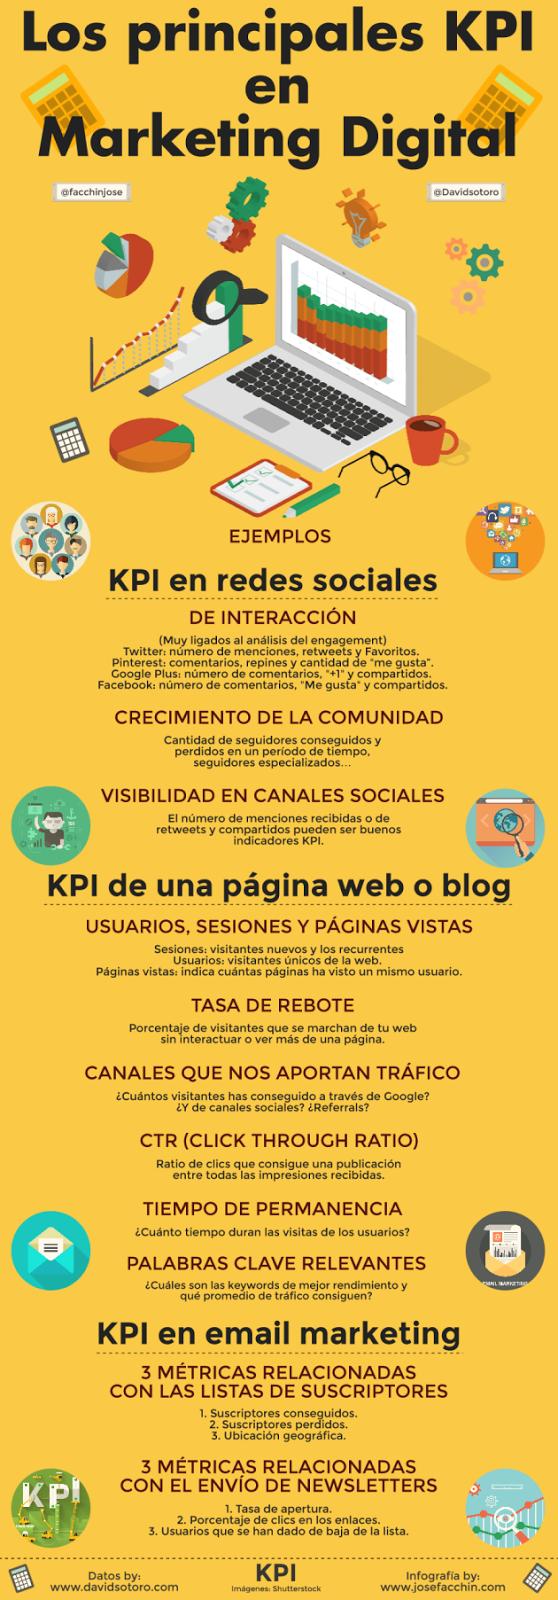 Infografía las principales KPI en Marketing digital.